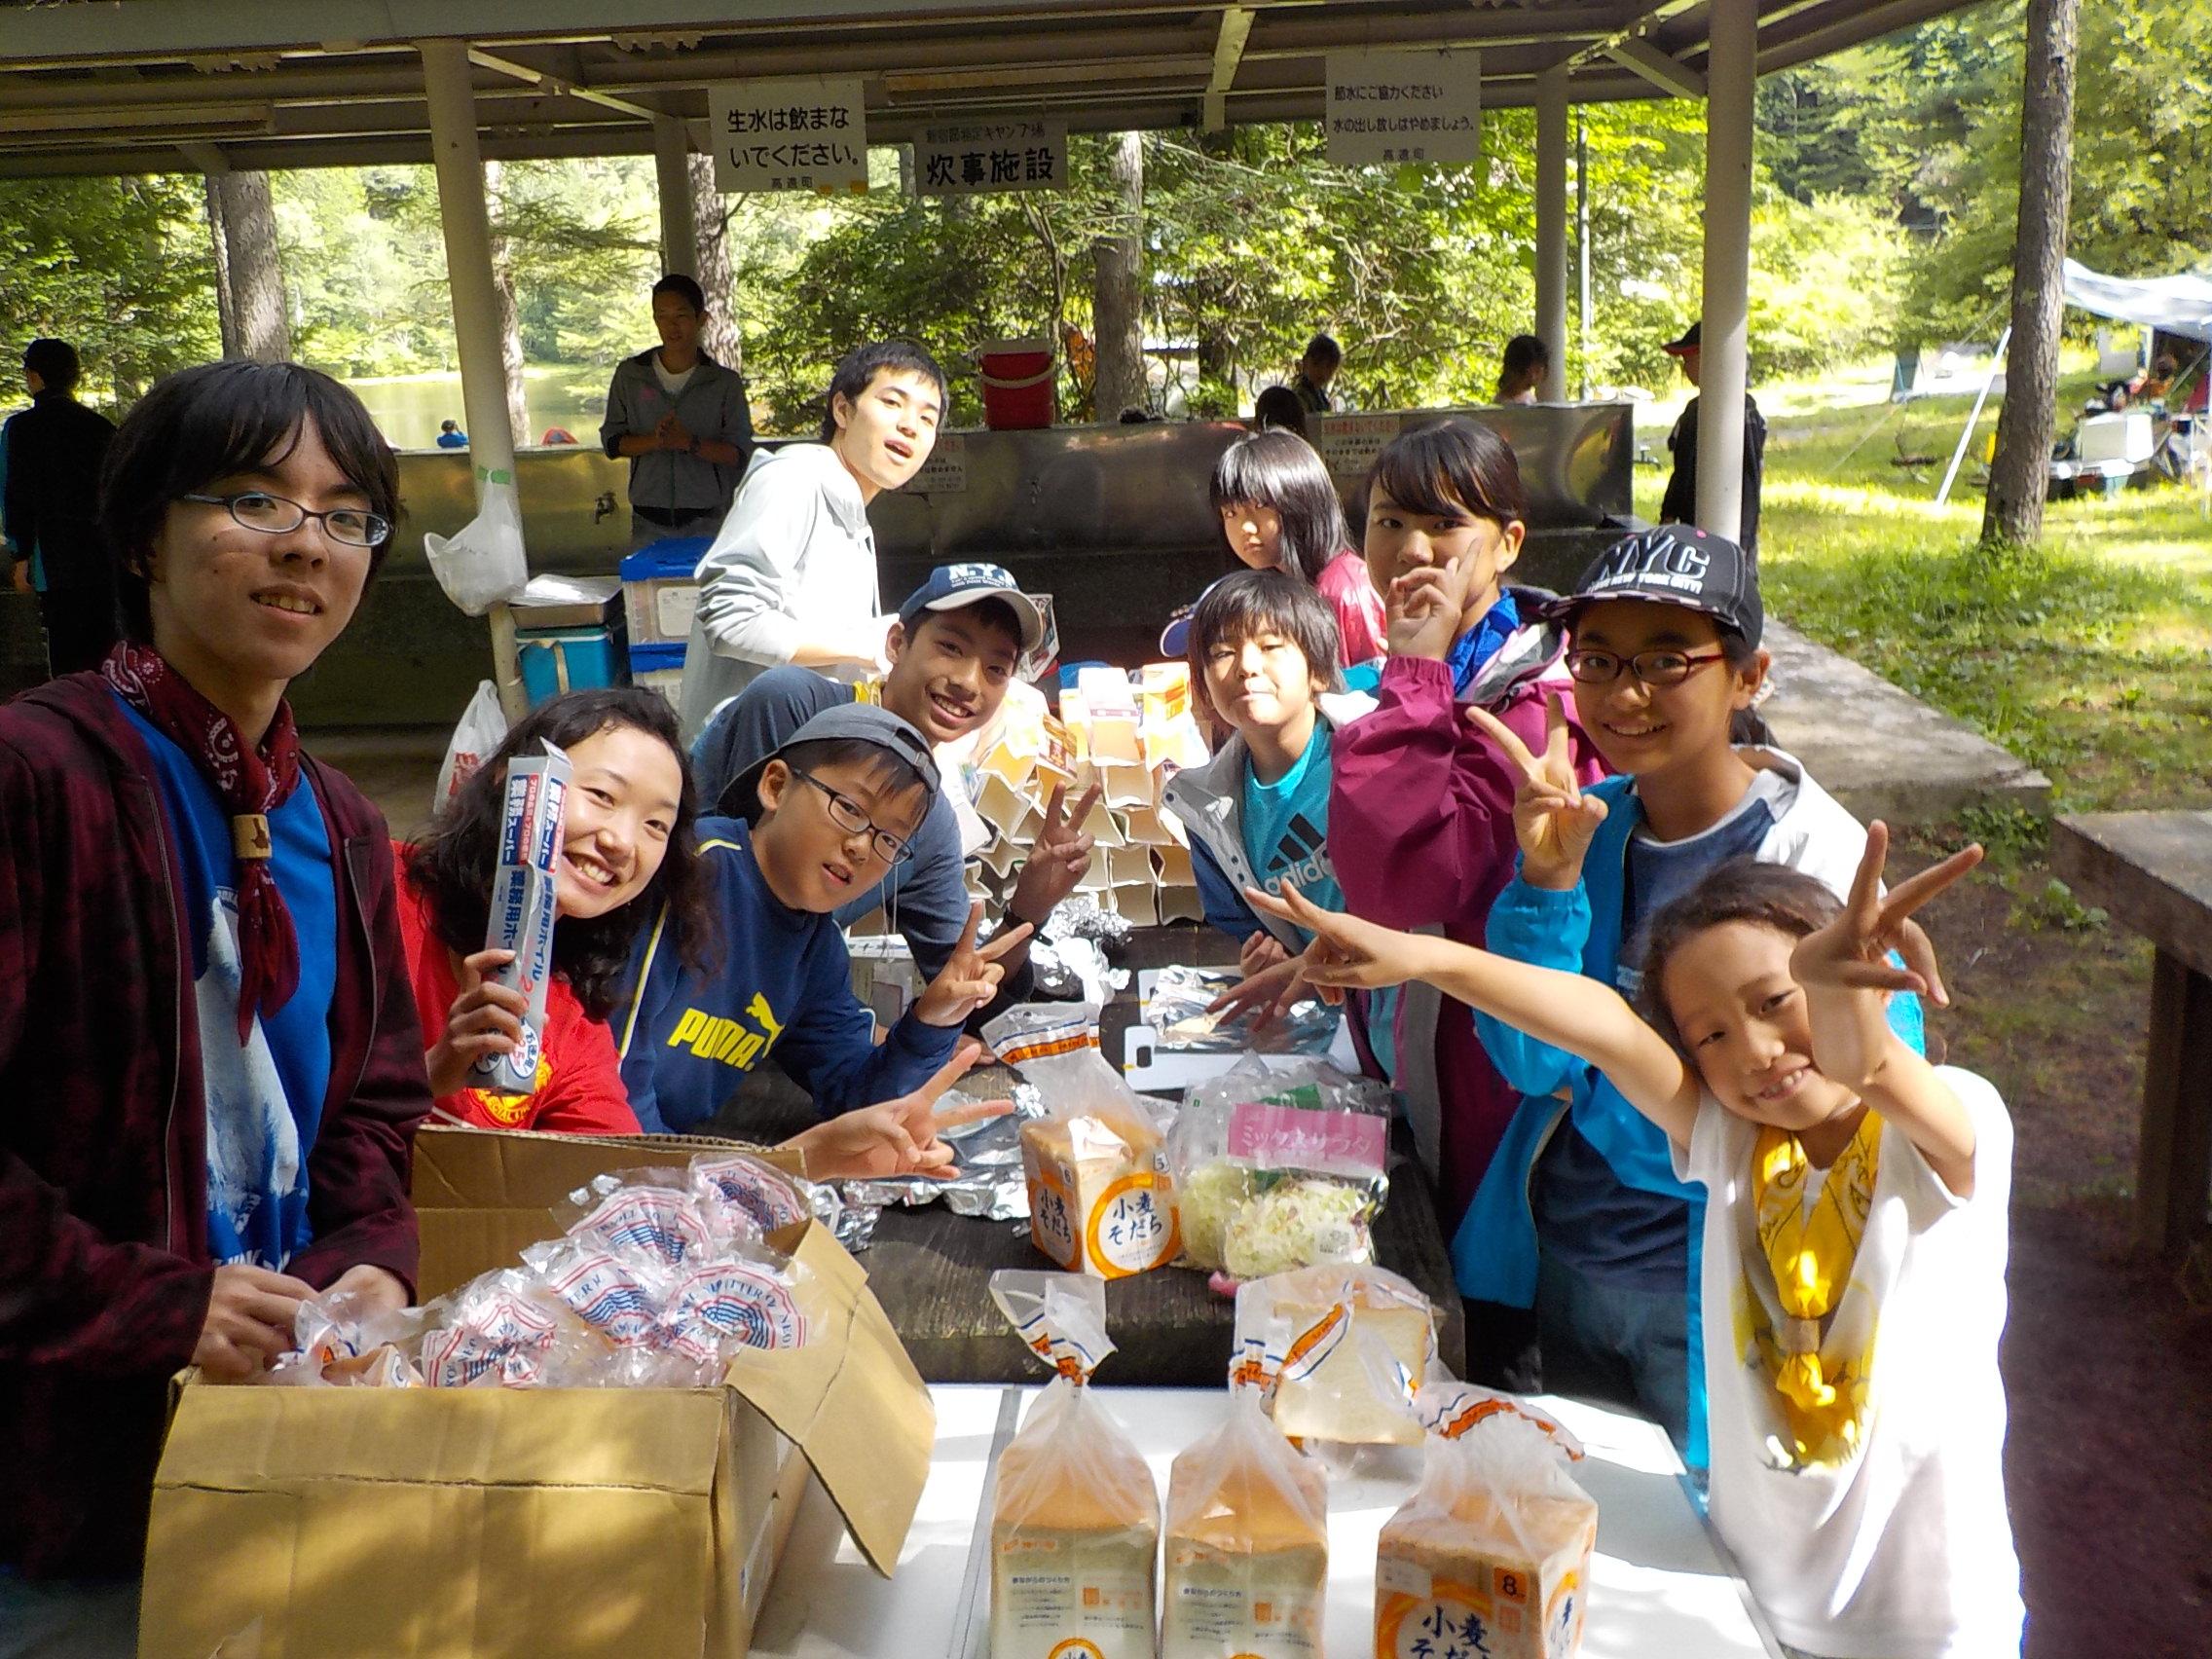 8月14日(金)わんぱくキャンプ6日目「自主企画の日」